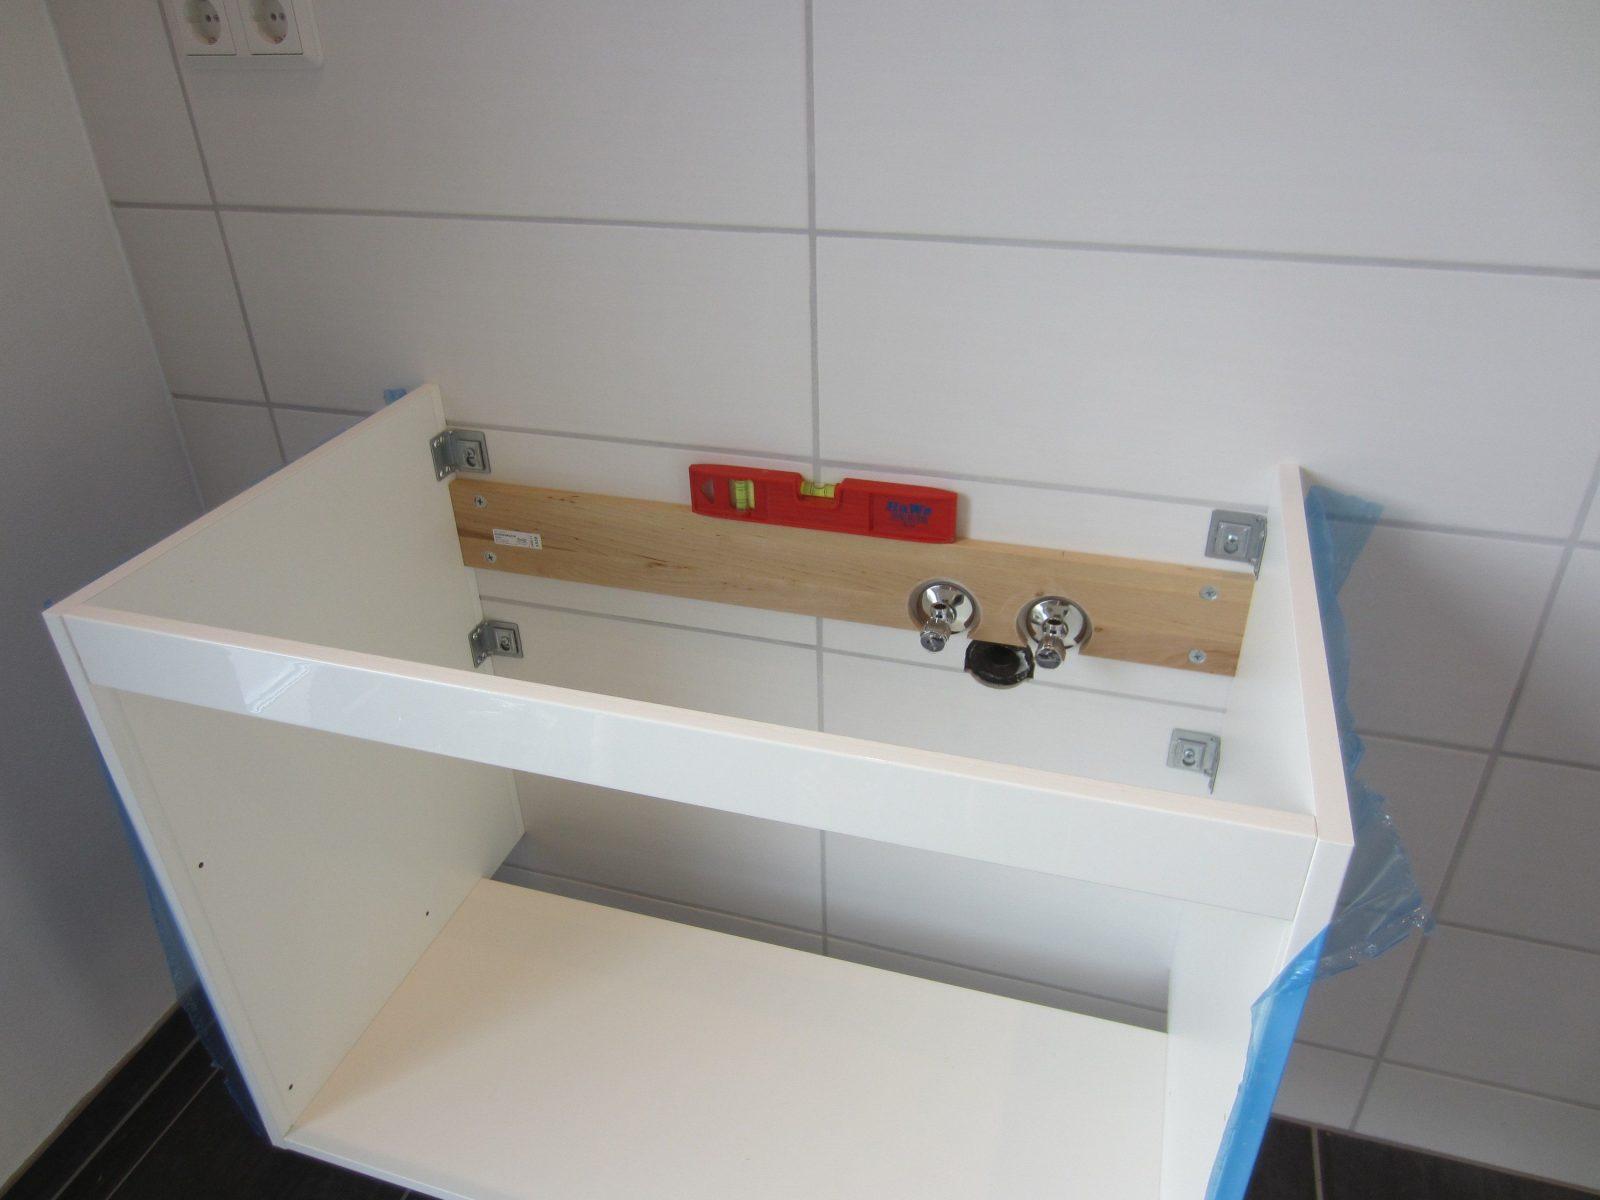 Badezimmer Design Zündend Badezimmer Unterschrank Design Gemütlich von Doppelwaschtisch Mit Unterschrank Ikea Bild